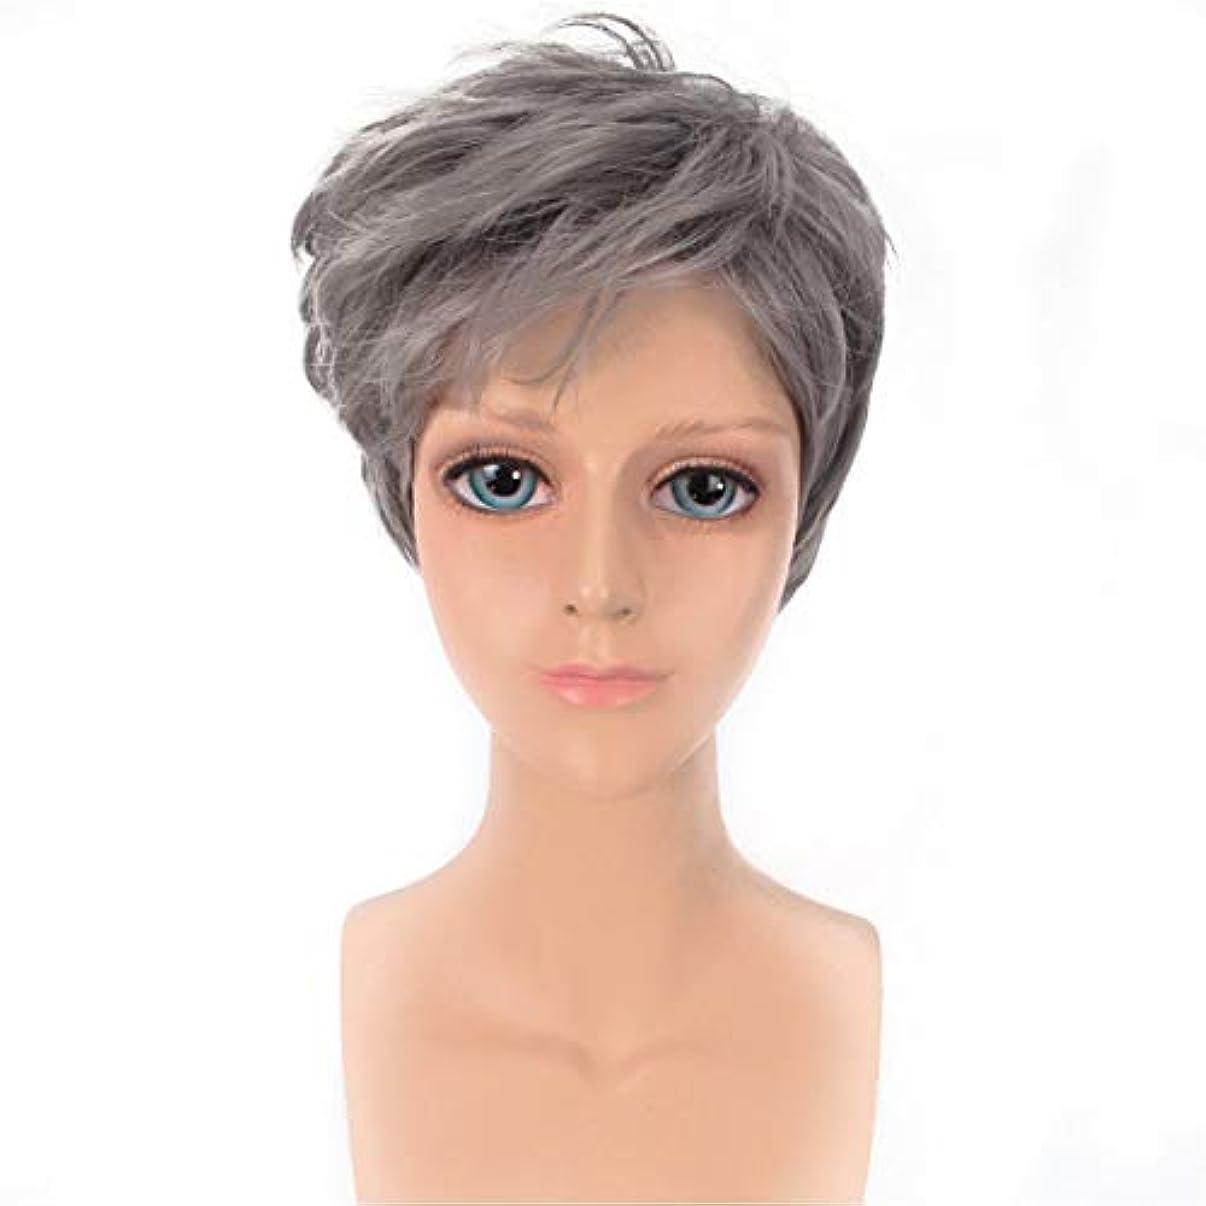 プリーツ家庭シェルターYOUQIU メンズかつらハンサムなグレー斜め前髪ショートストレートヘアウィッグ原宿COSウィッグウィッグ (色 : グレー)